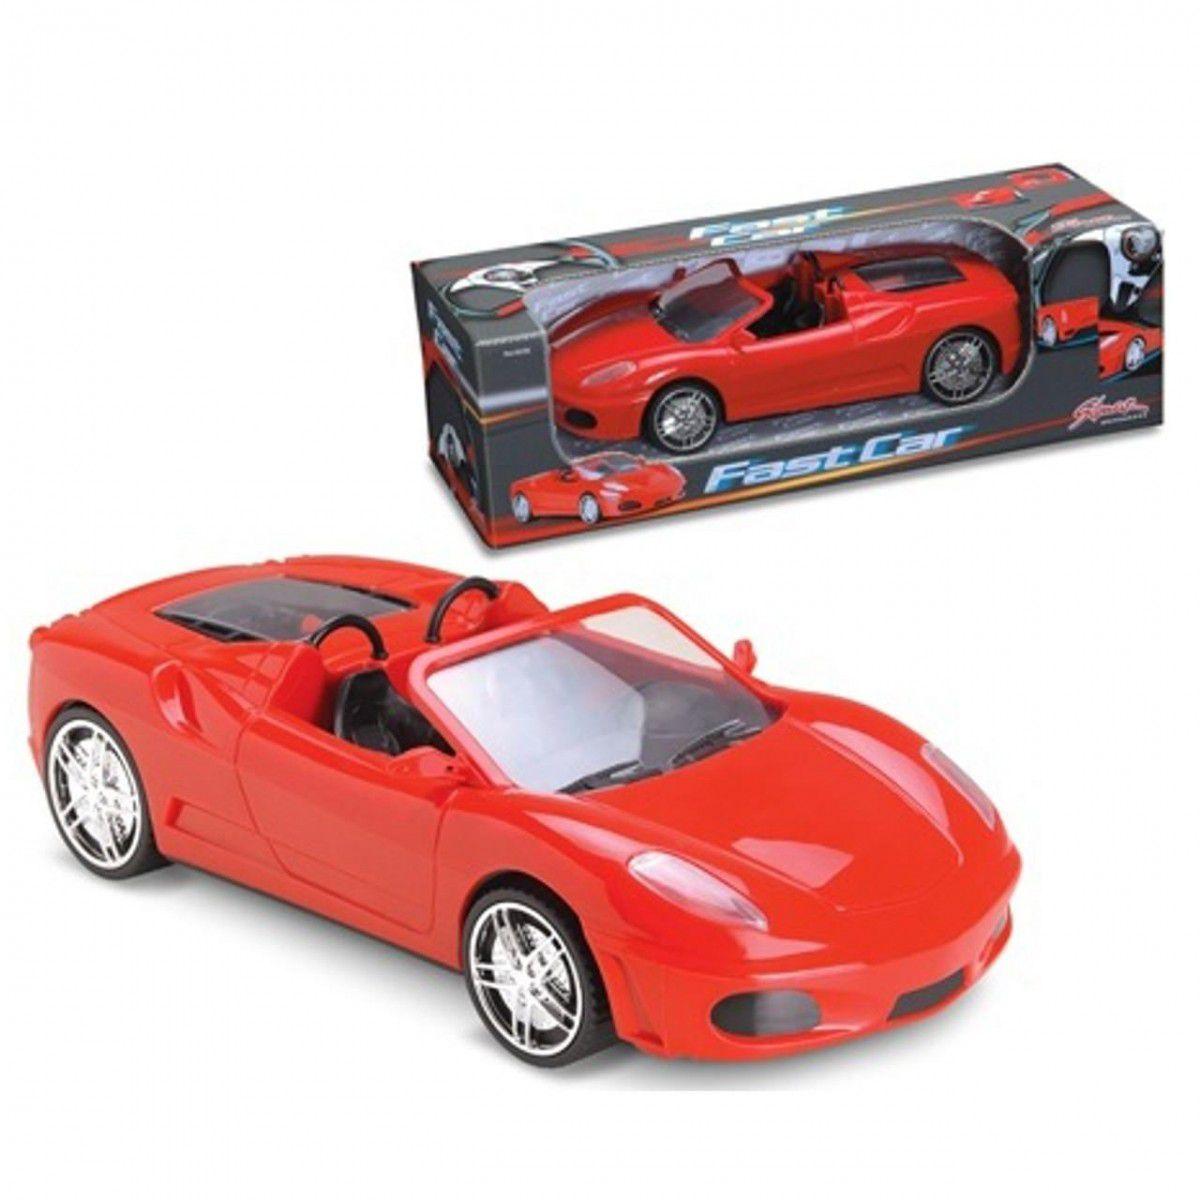 Carro Fast Car Sortidos - Silmar Brinquedos